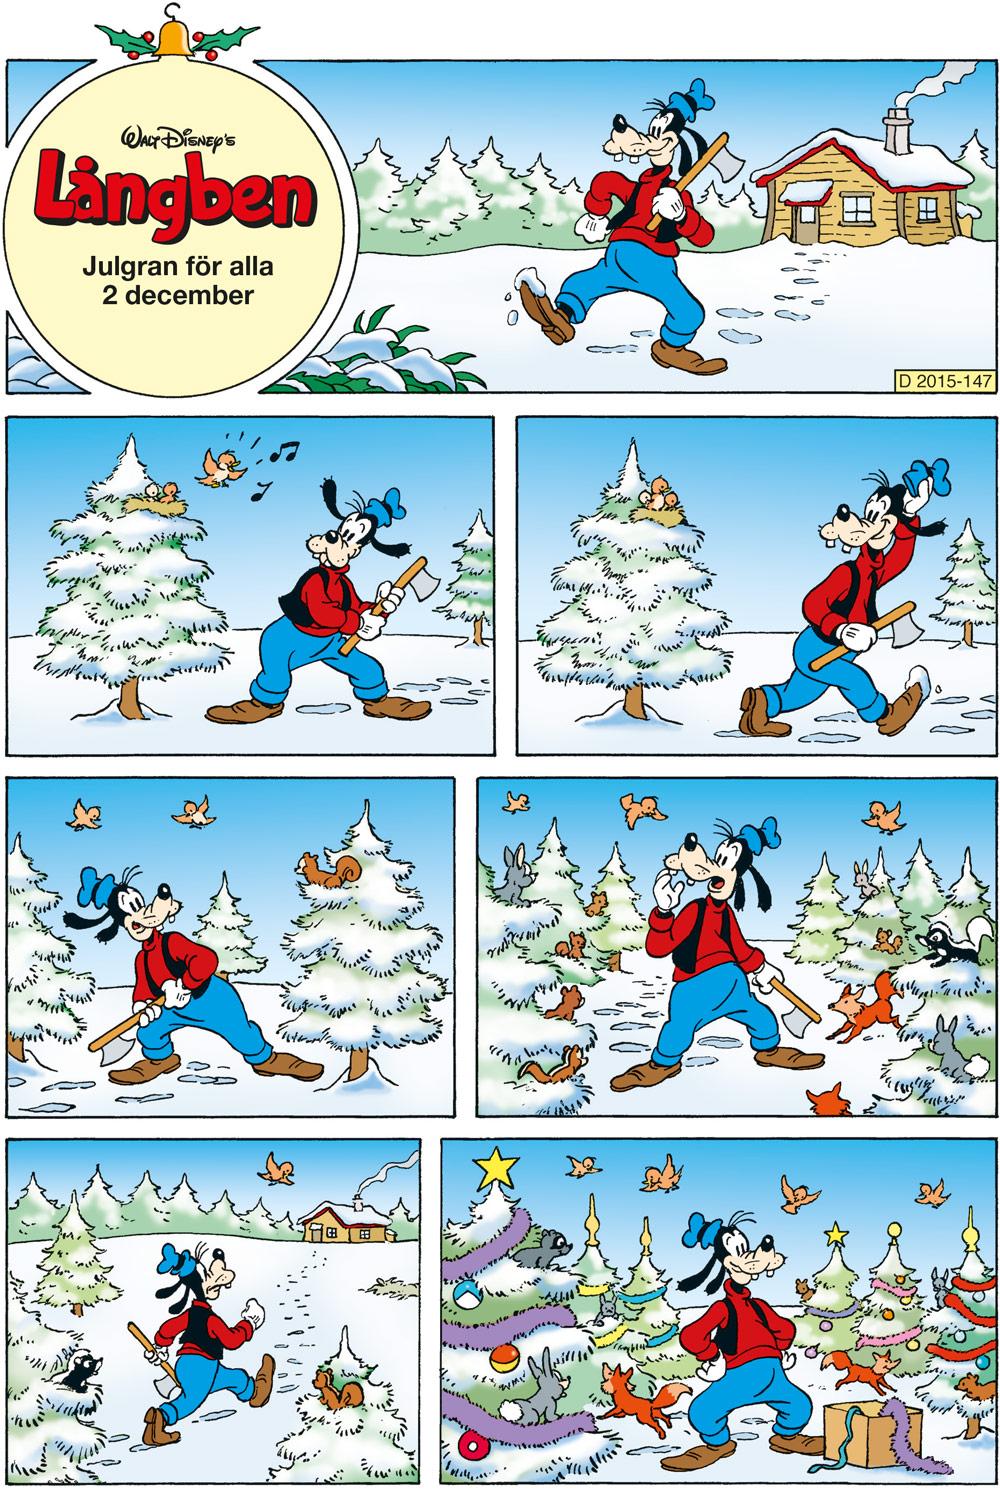 Långben julgran